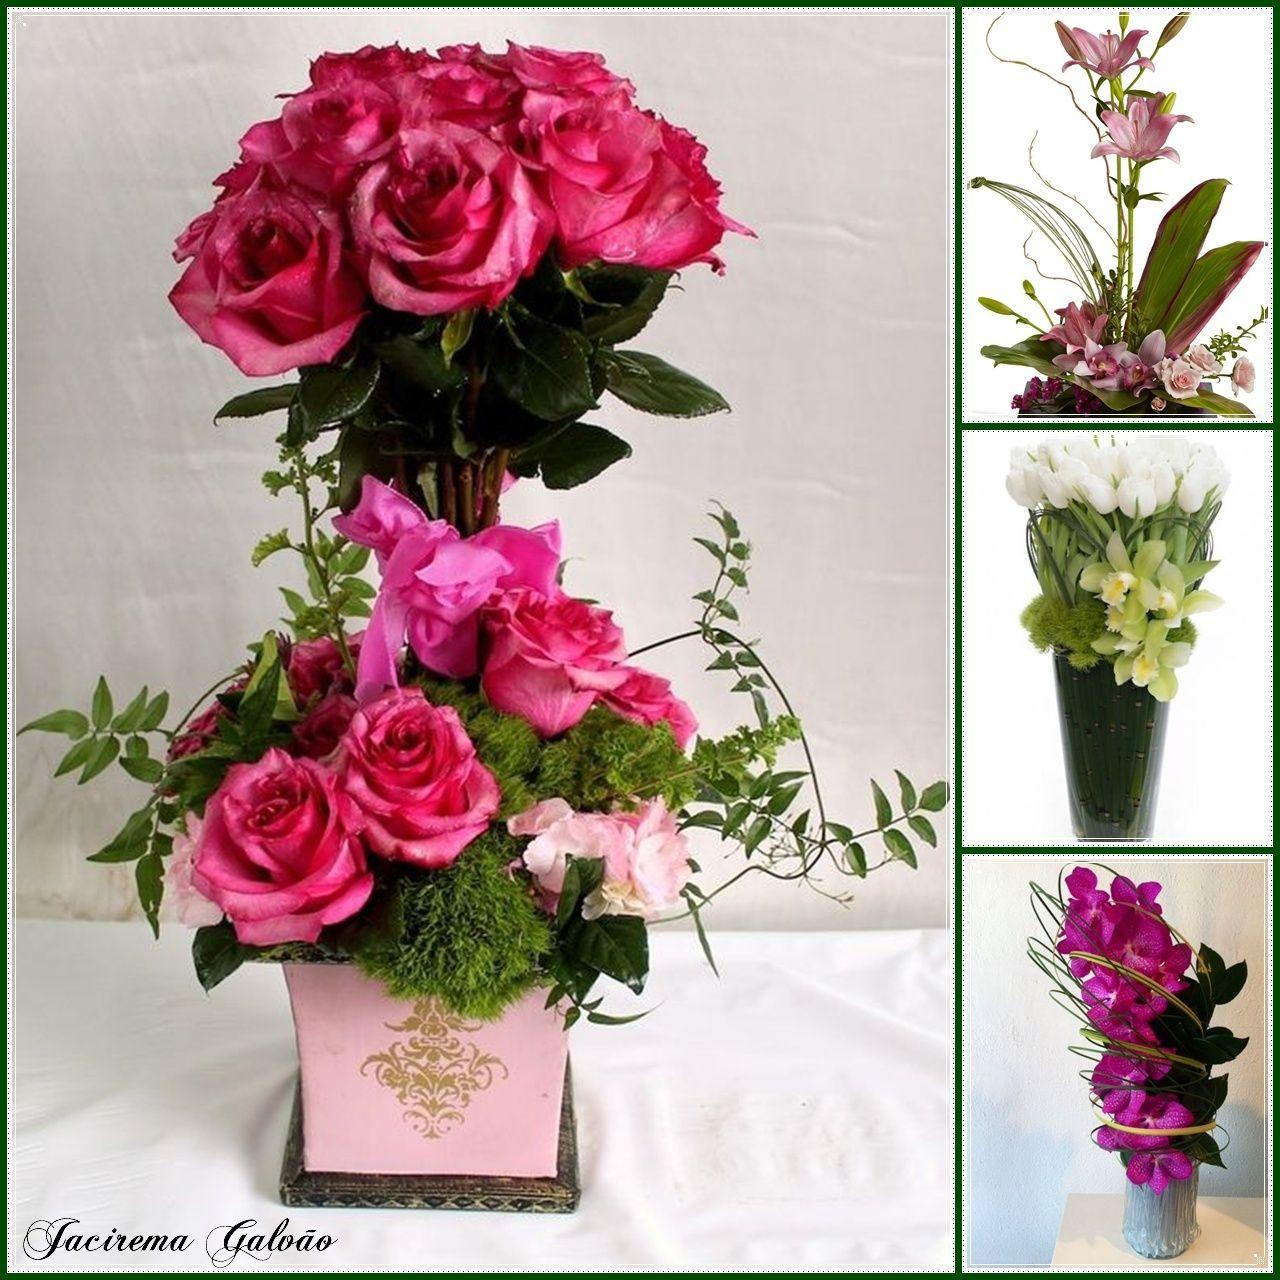 Arranjos Florais Plants Pinterest Floral Arrangement Flower